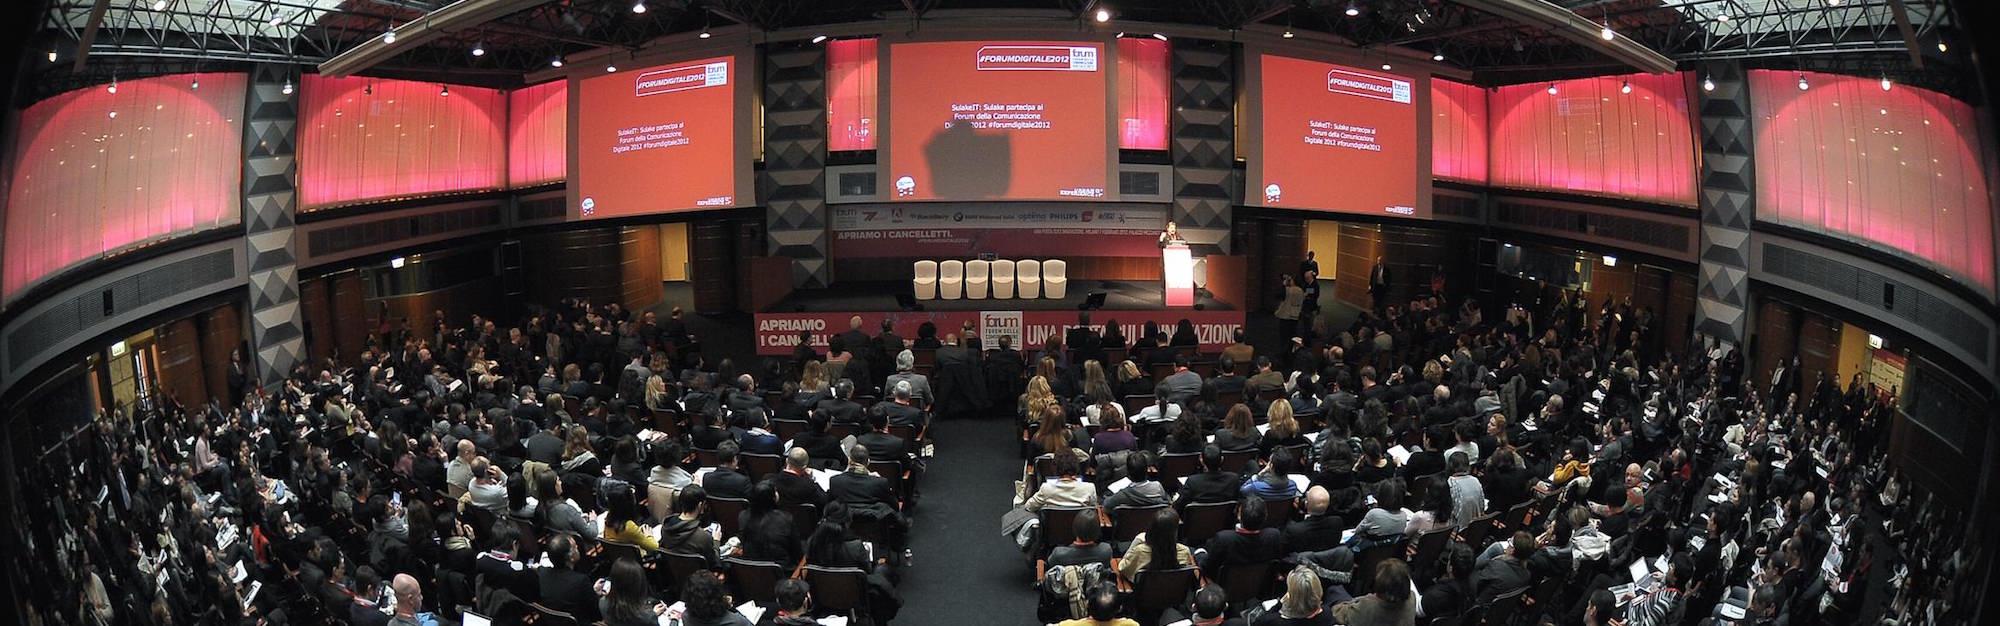 IQUII diventa Innovation Technology Partner di Comunicazione Italiana per migliorare la User Experience degli eventi